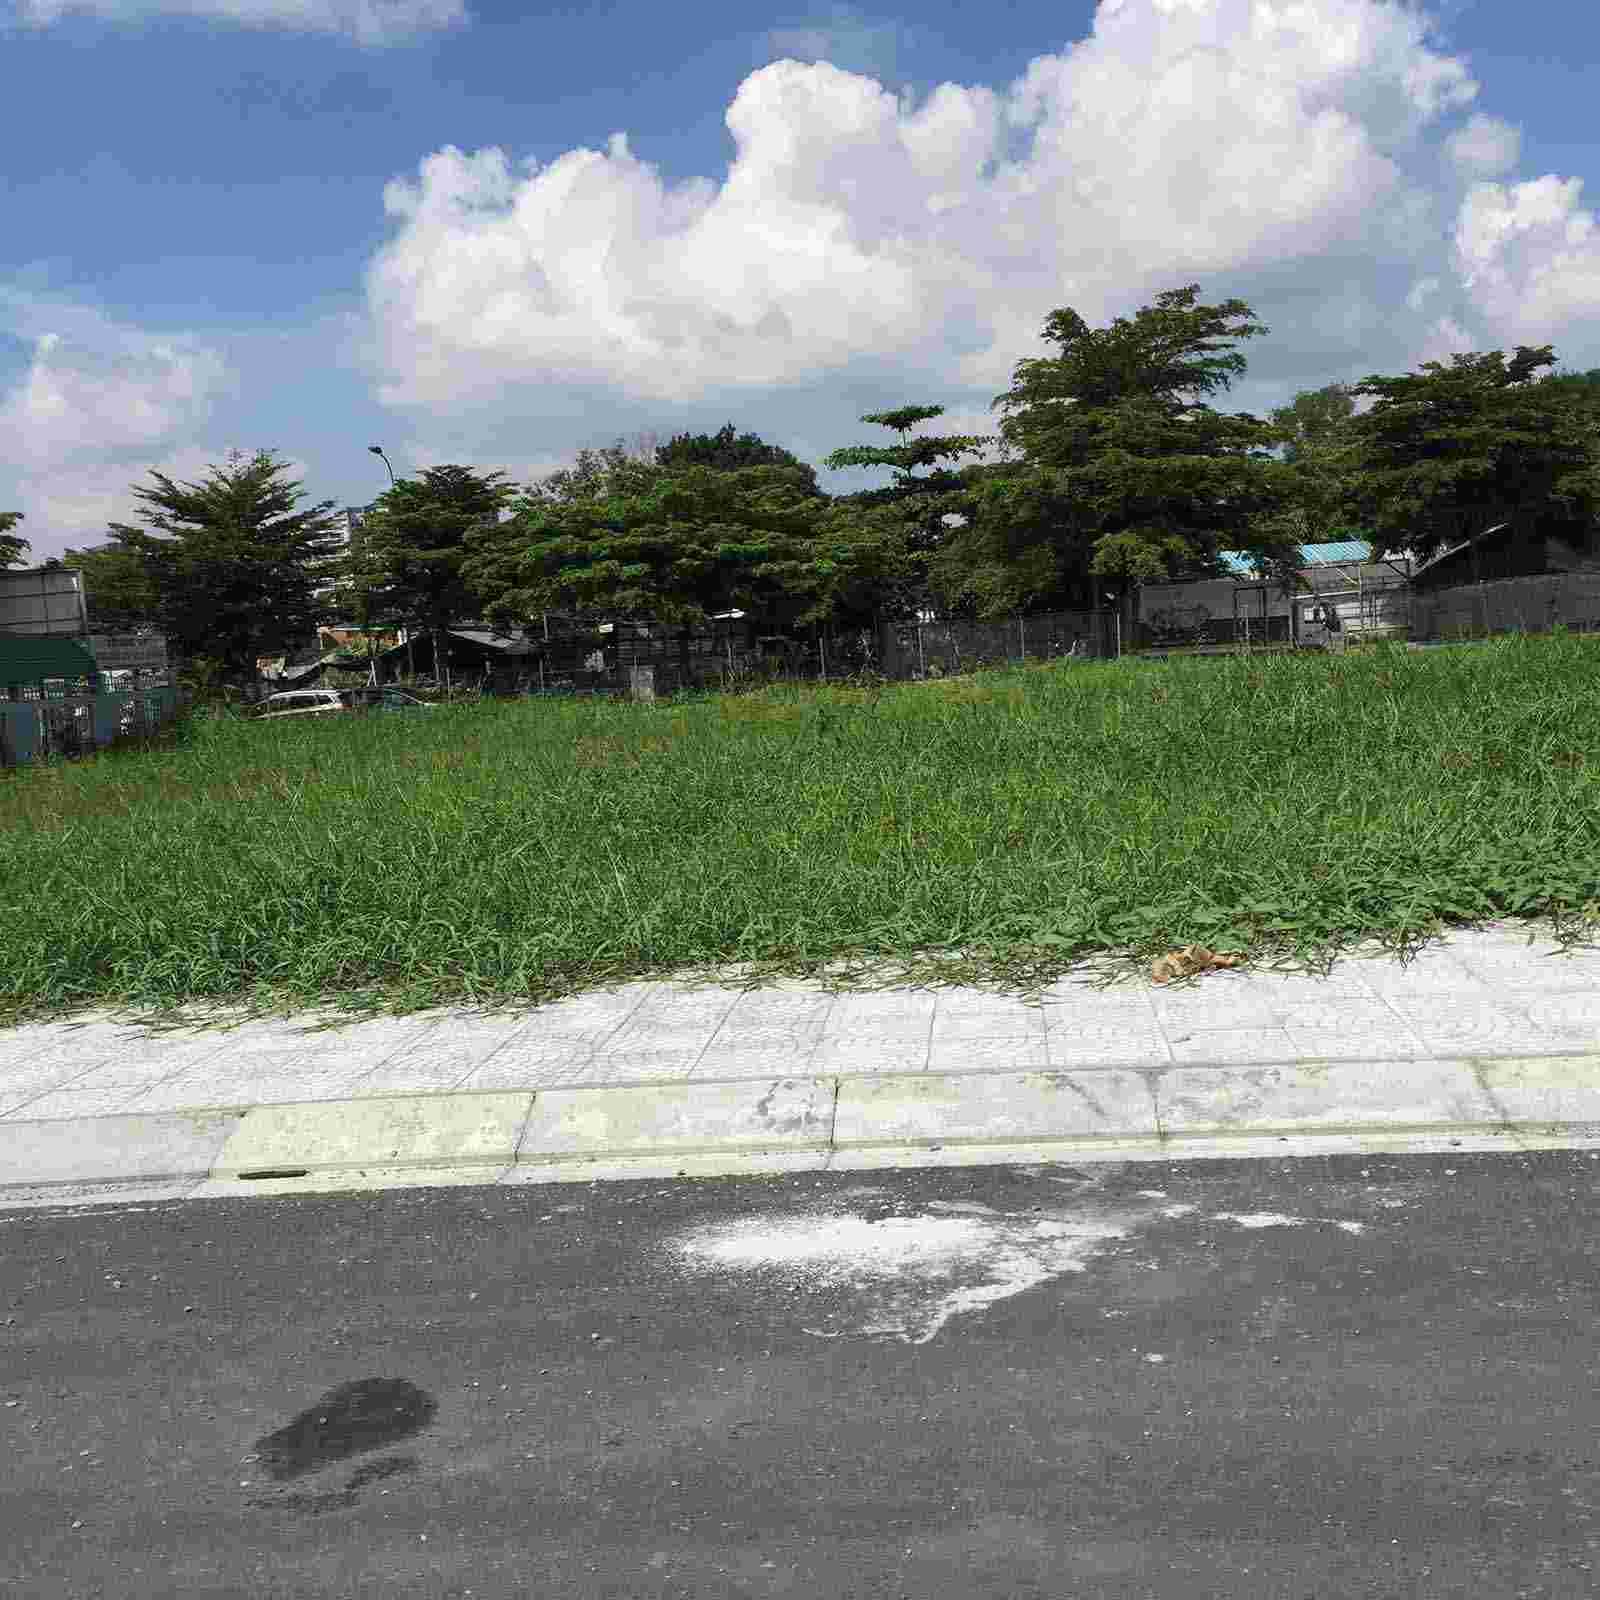 Bán đất dự án Thái Sơn 1, giá HOT, giá tốt nhất thị trường giá 37tr/m2, diện tích 250m2, đang làm sổ đổ. LH: 0913.050.053  Mr Huynh.